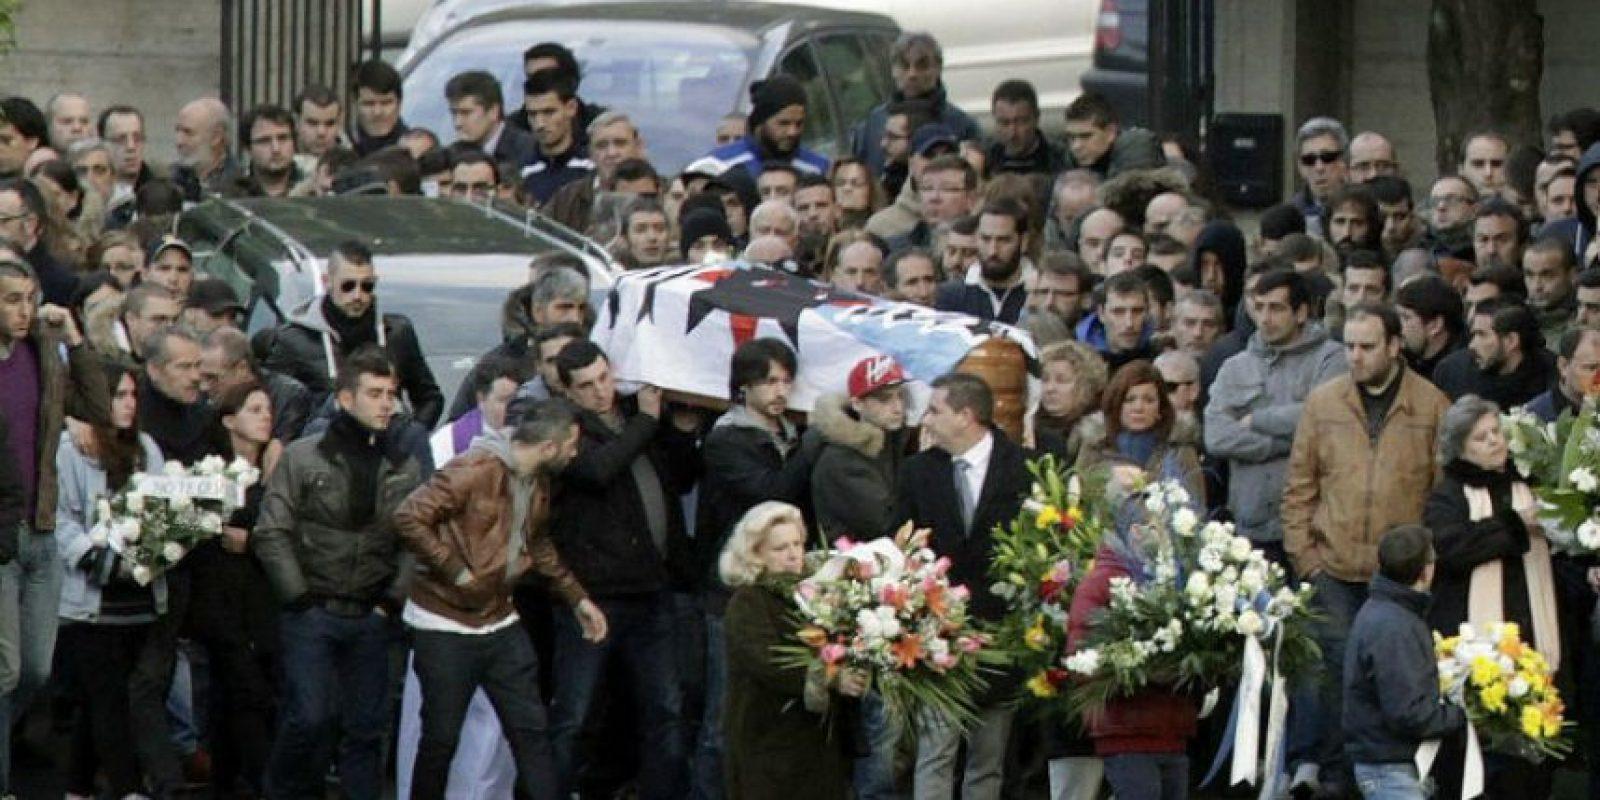 Traslado del féretro durante el entierro del hincha del Deportivo Francisco Javier Romero Taboada 'Jimmy', que falleció el domingo. Foto:EFE